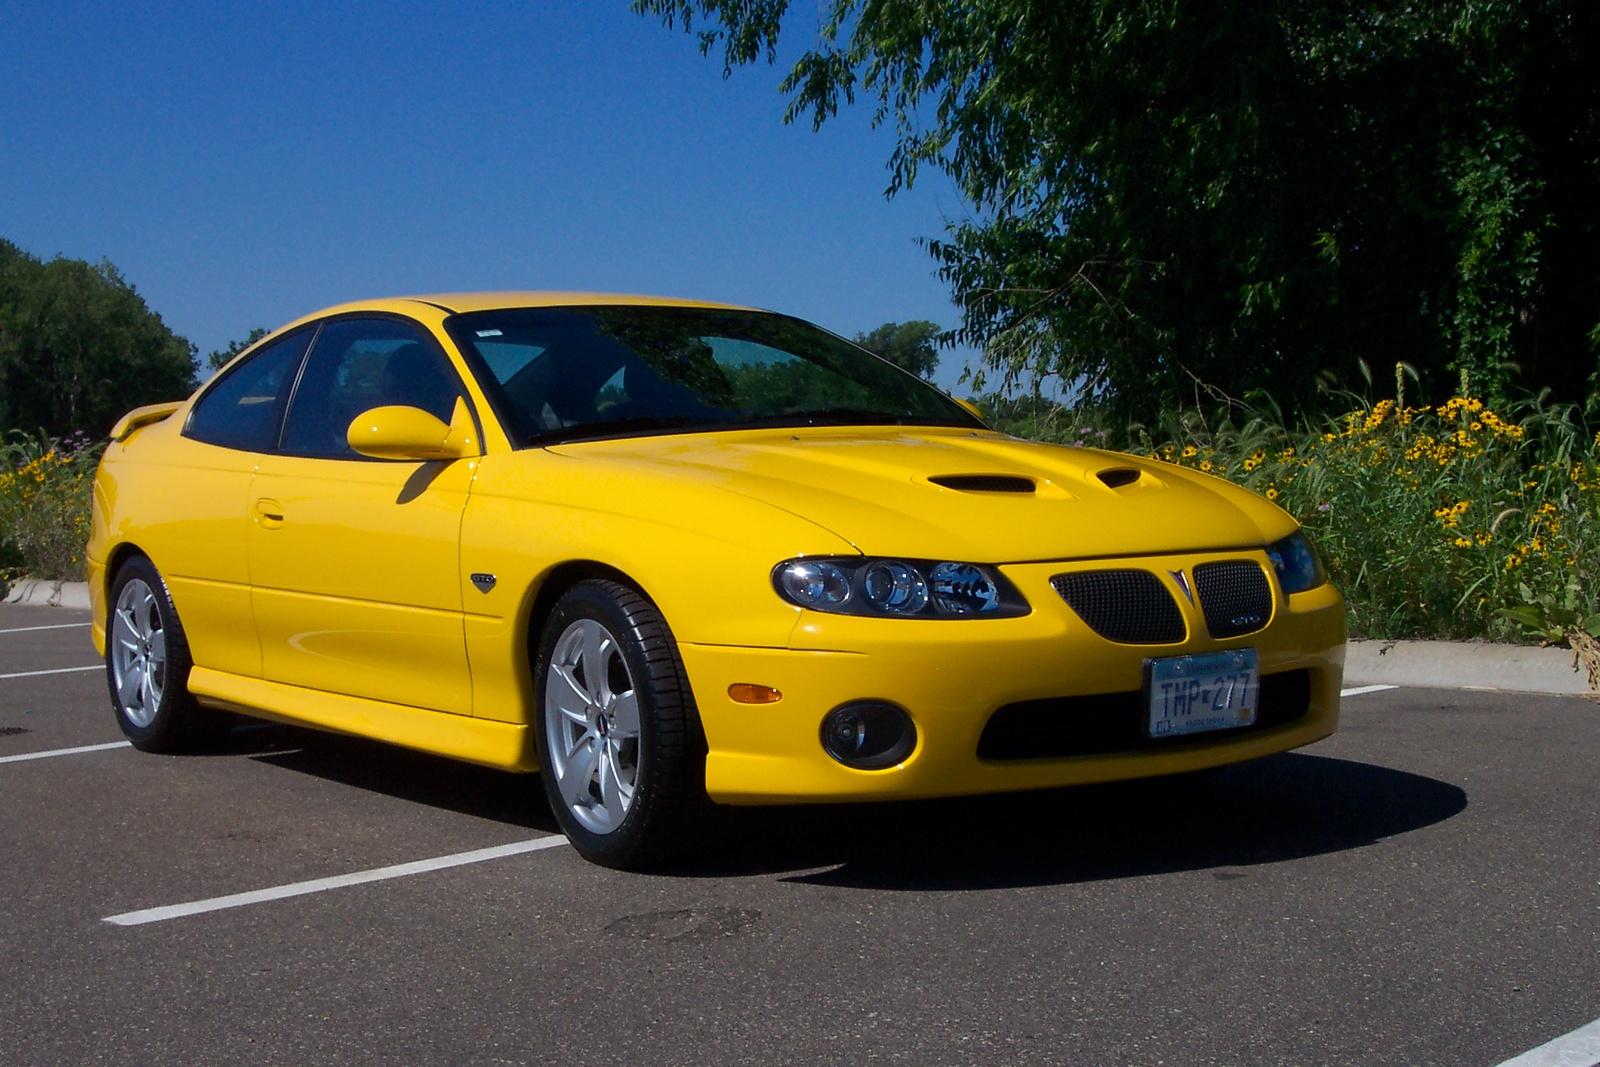 2006 Pontiac GTO   Pictures   CarGurus 1600x1067